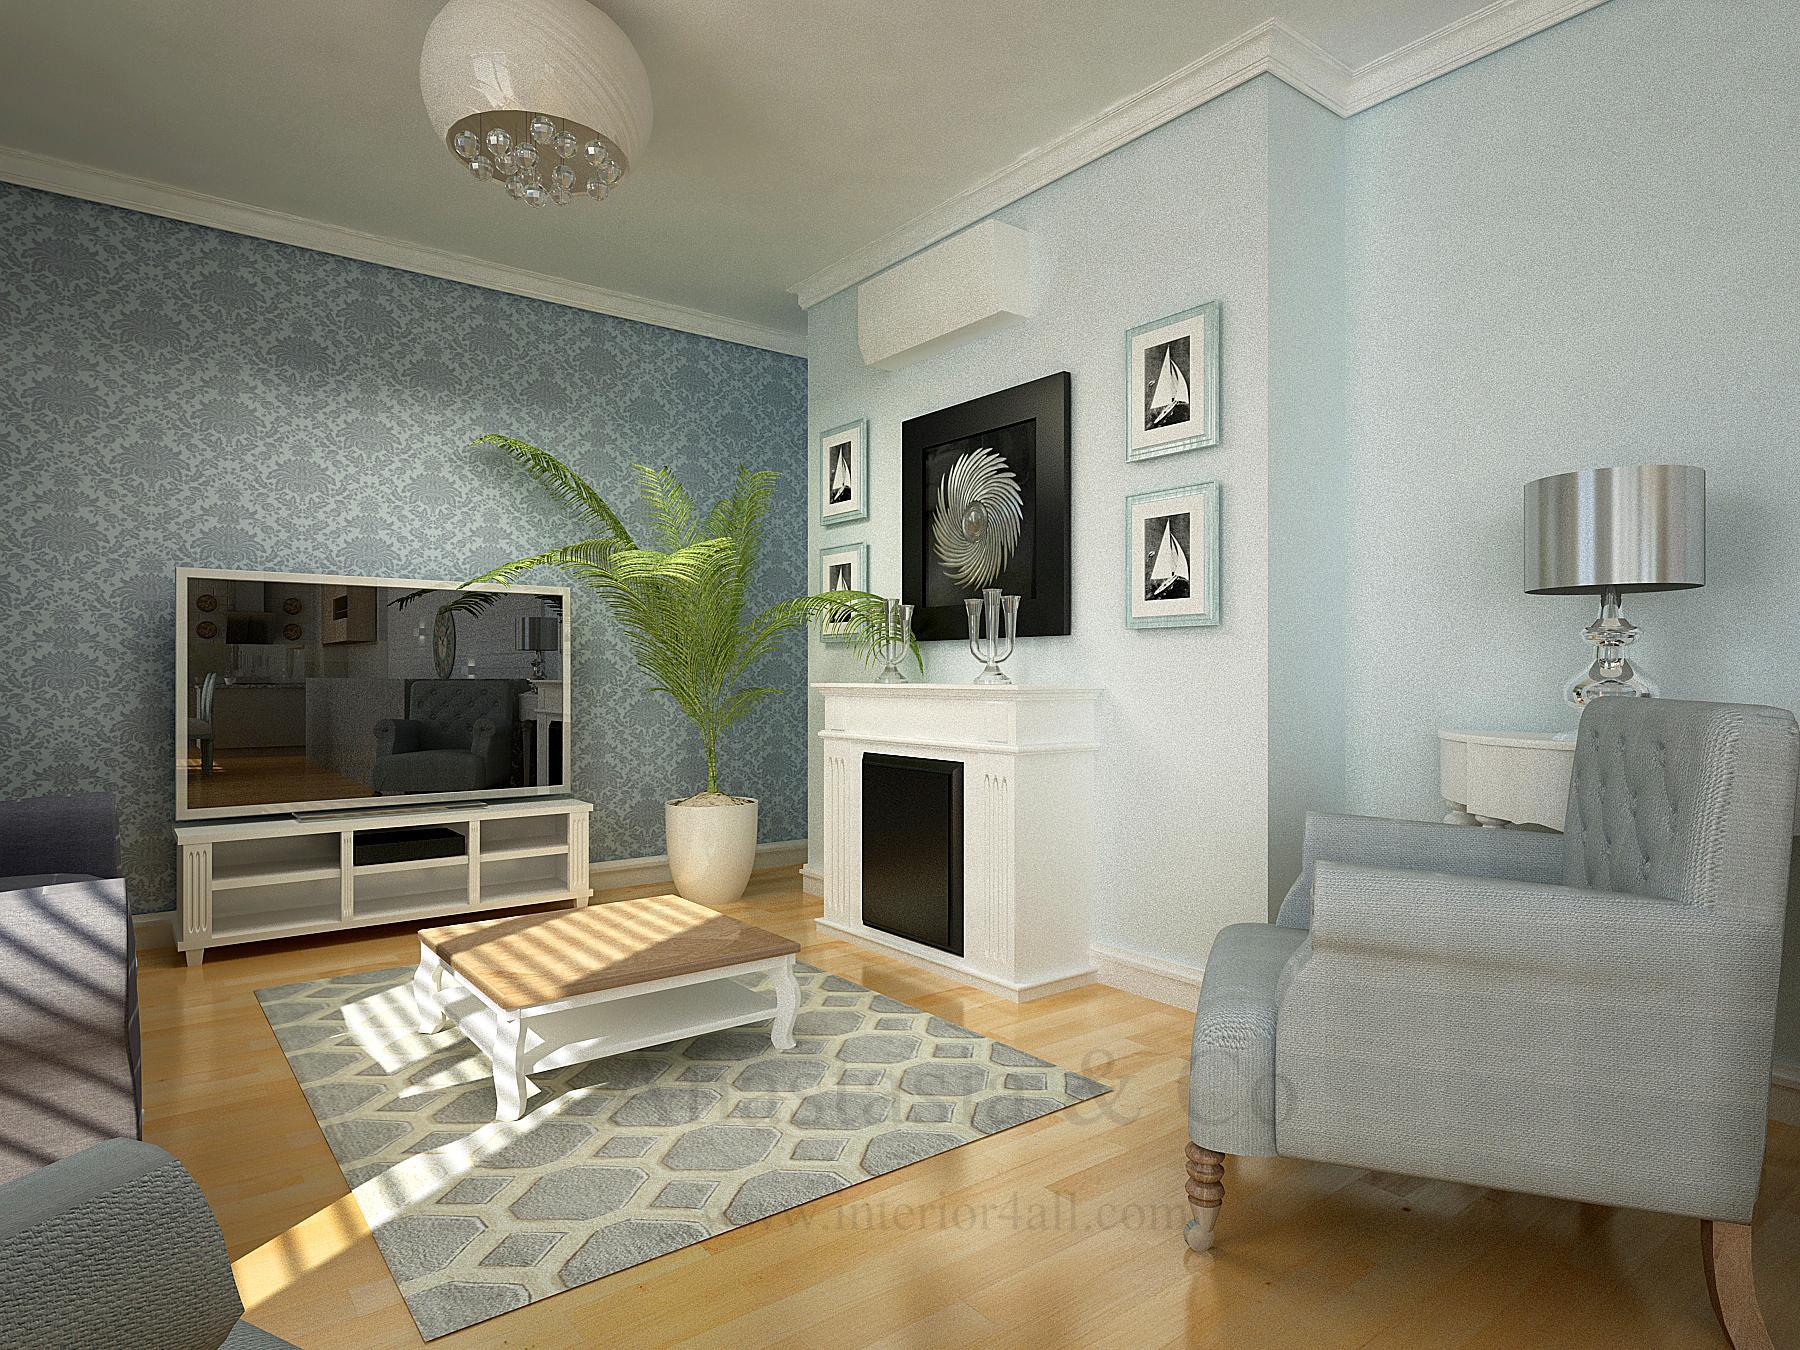 Elegantes wohnzimmer bilder ideen couchstyle for Elegante wohnzimmer